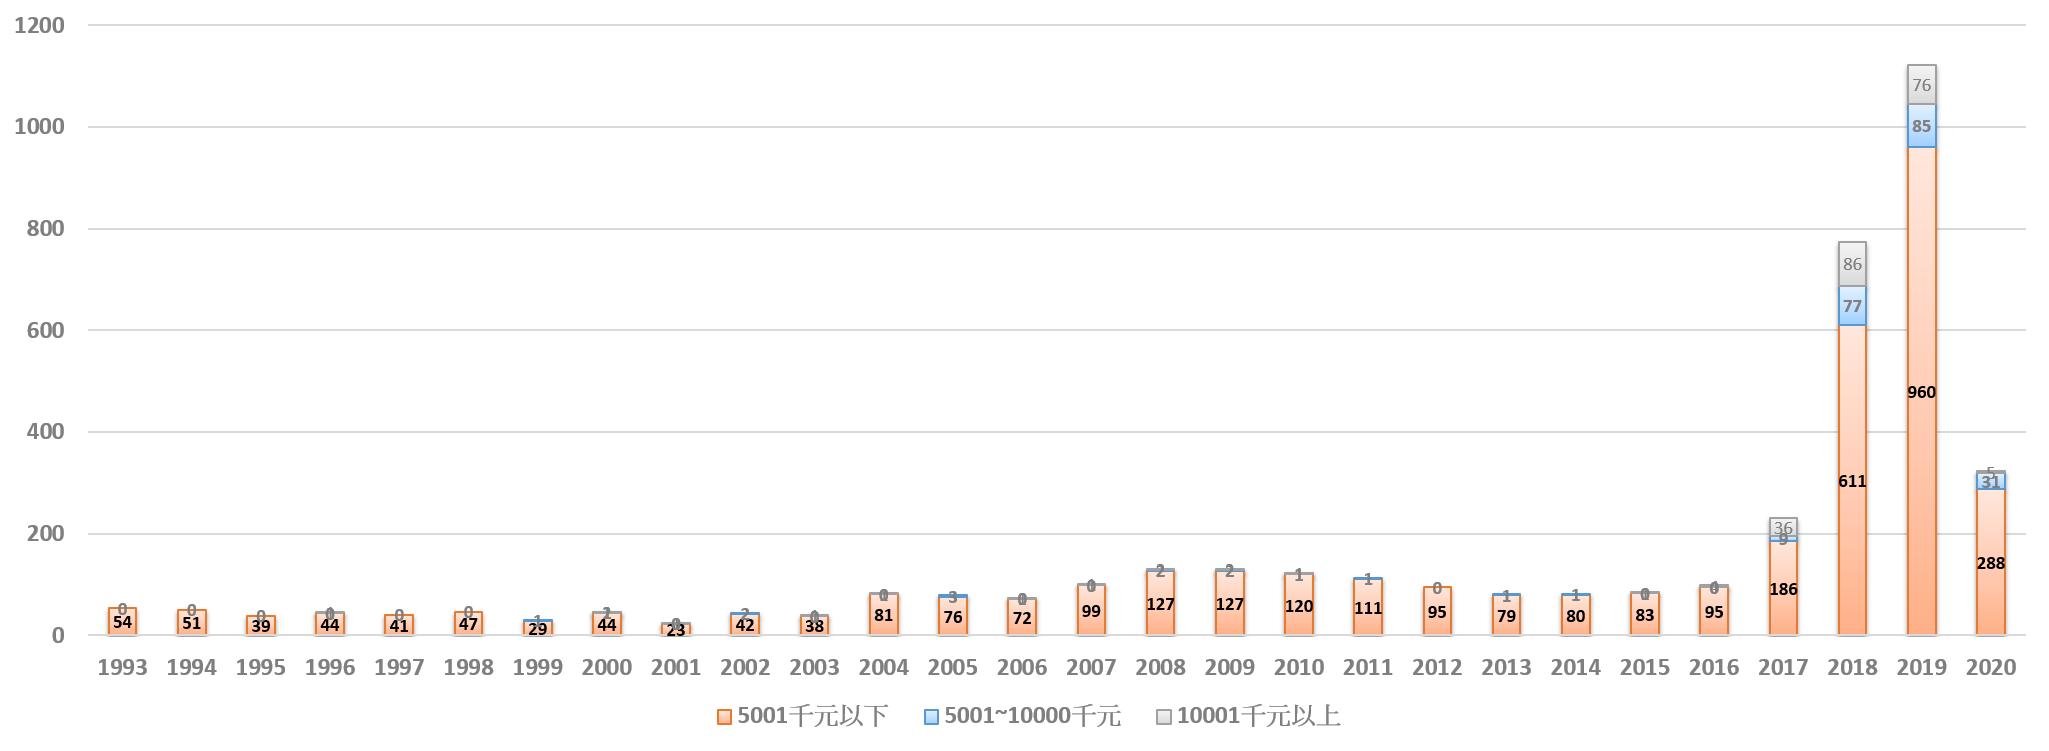 各個類別歷年計畫執行總數量